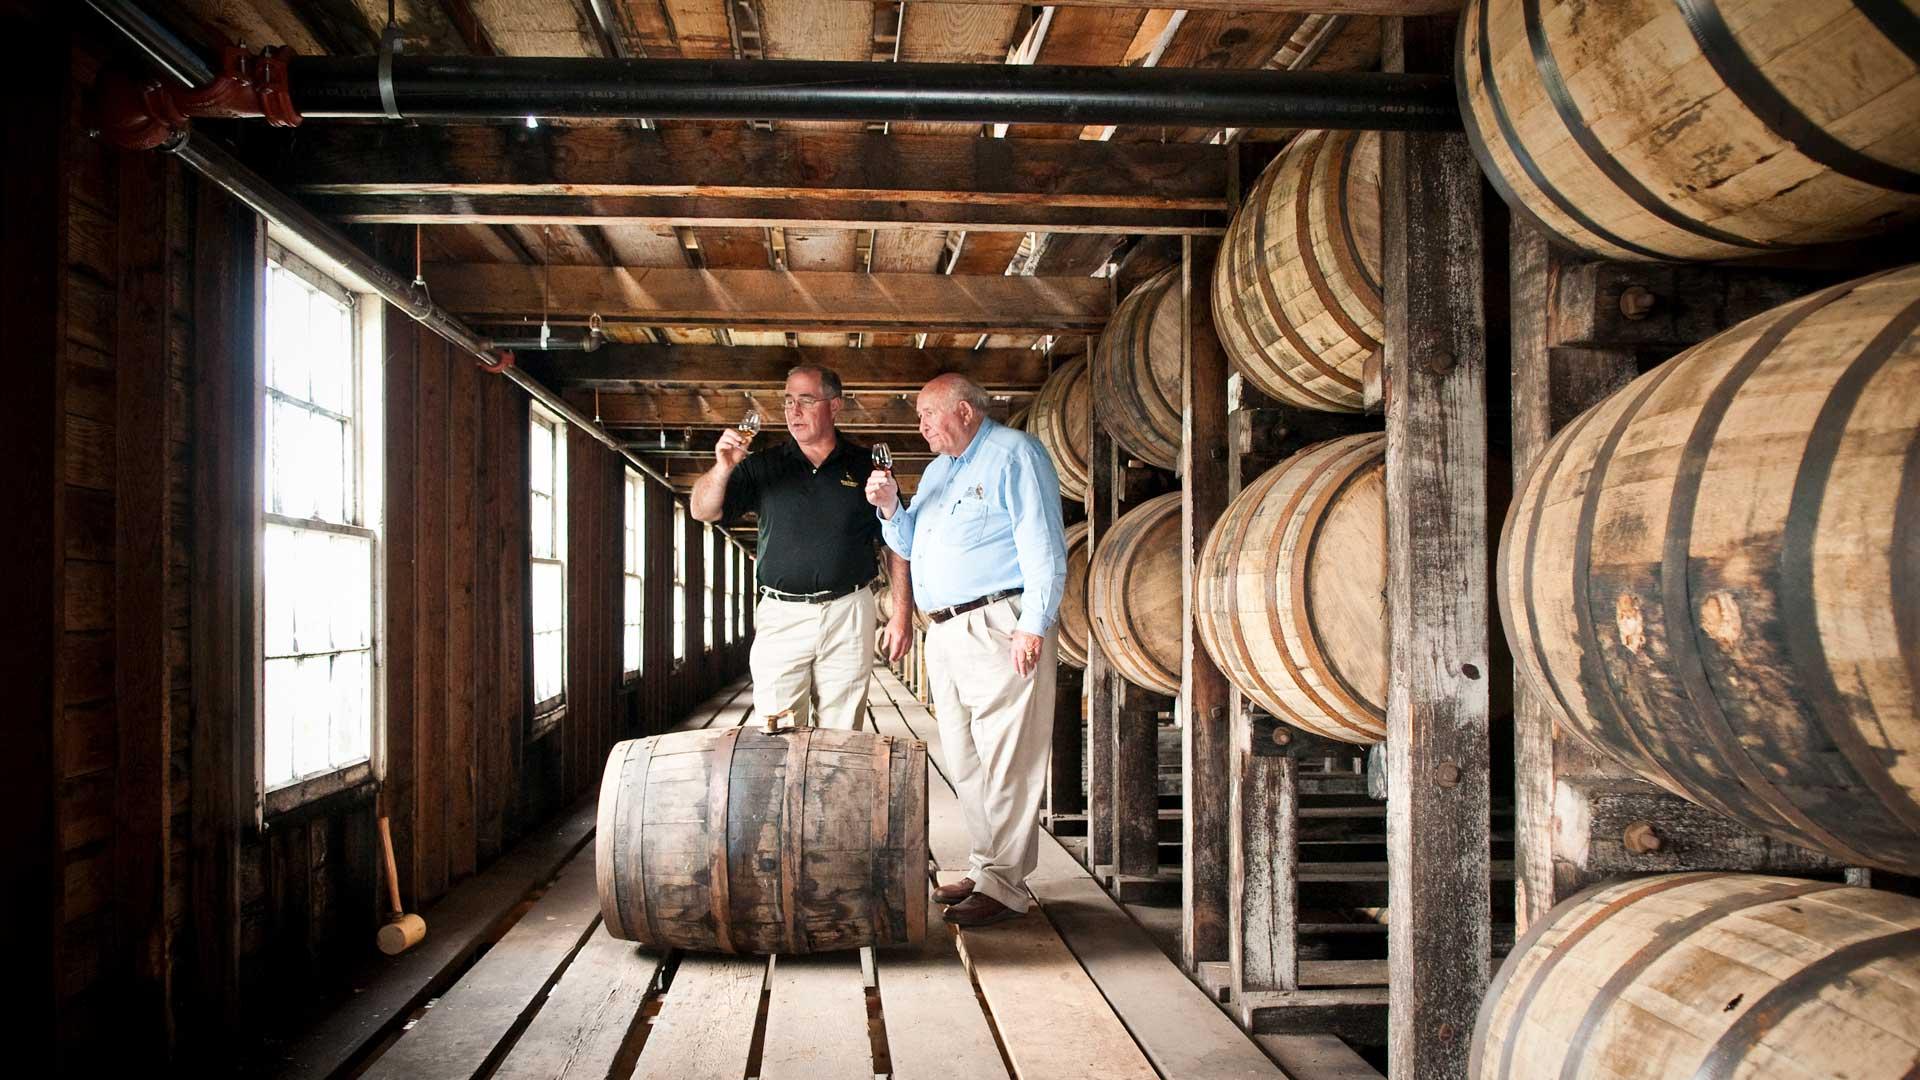 Bourbon-Heritage-Month-Distilleria-Wild-Turkey-Coqtail-Milano